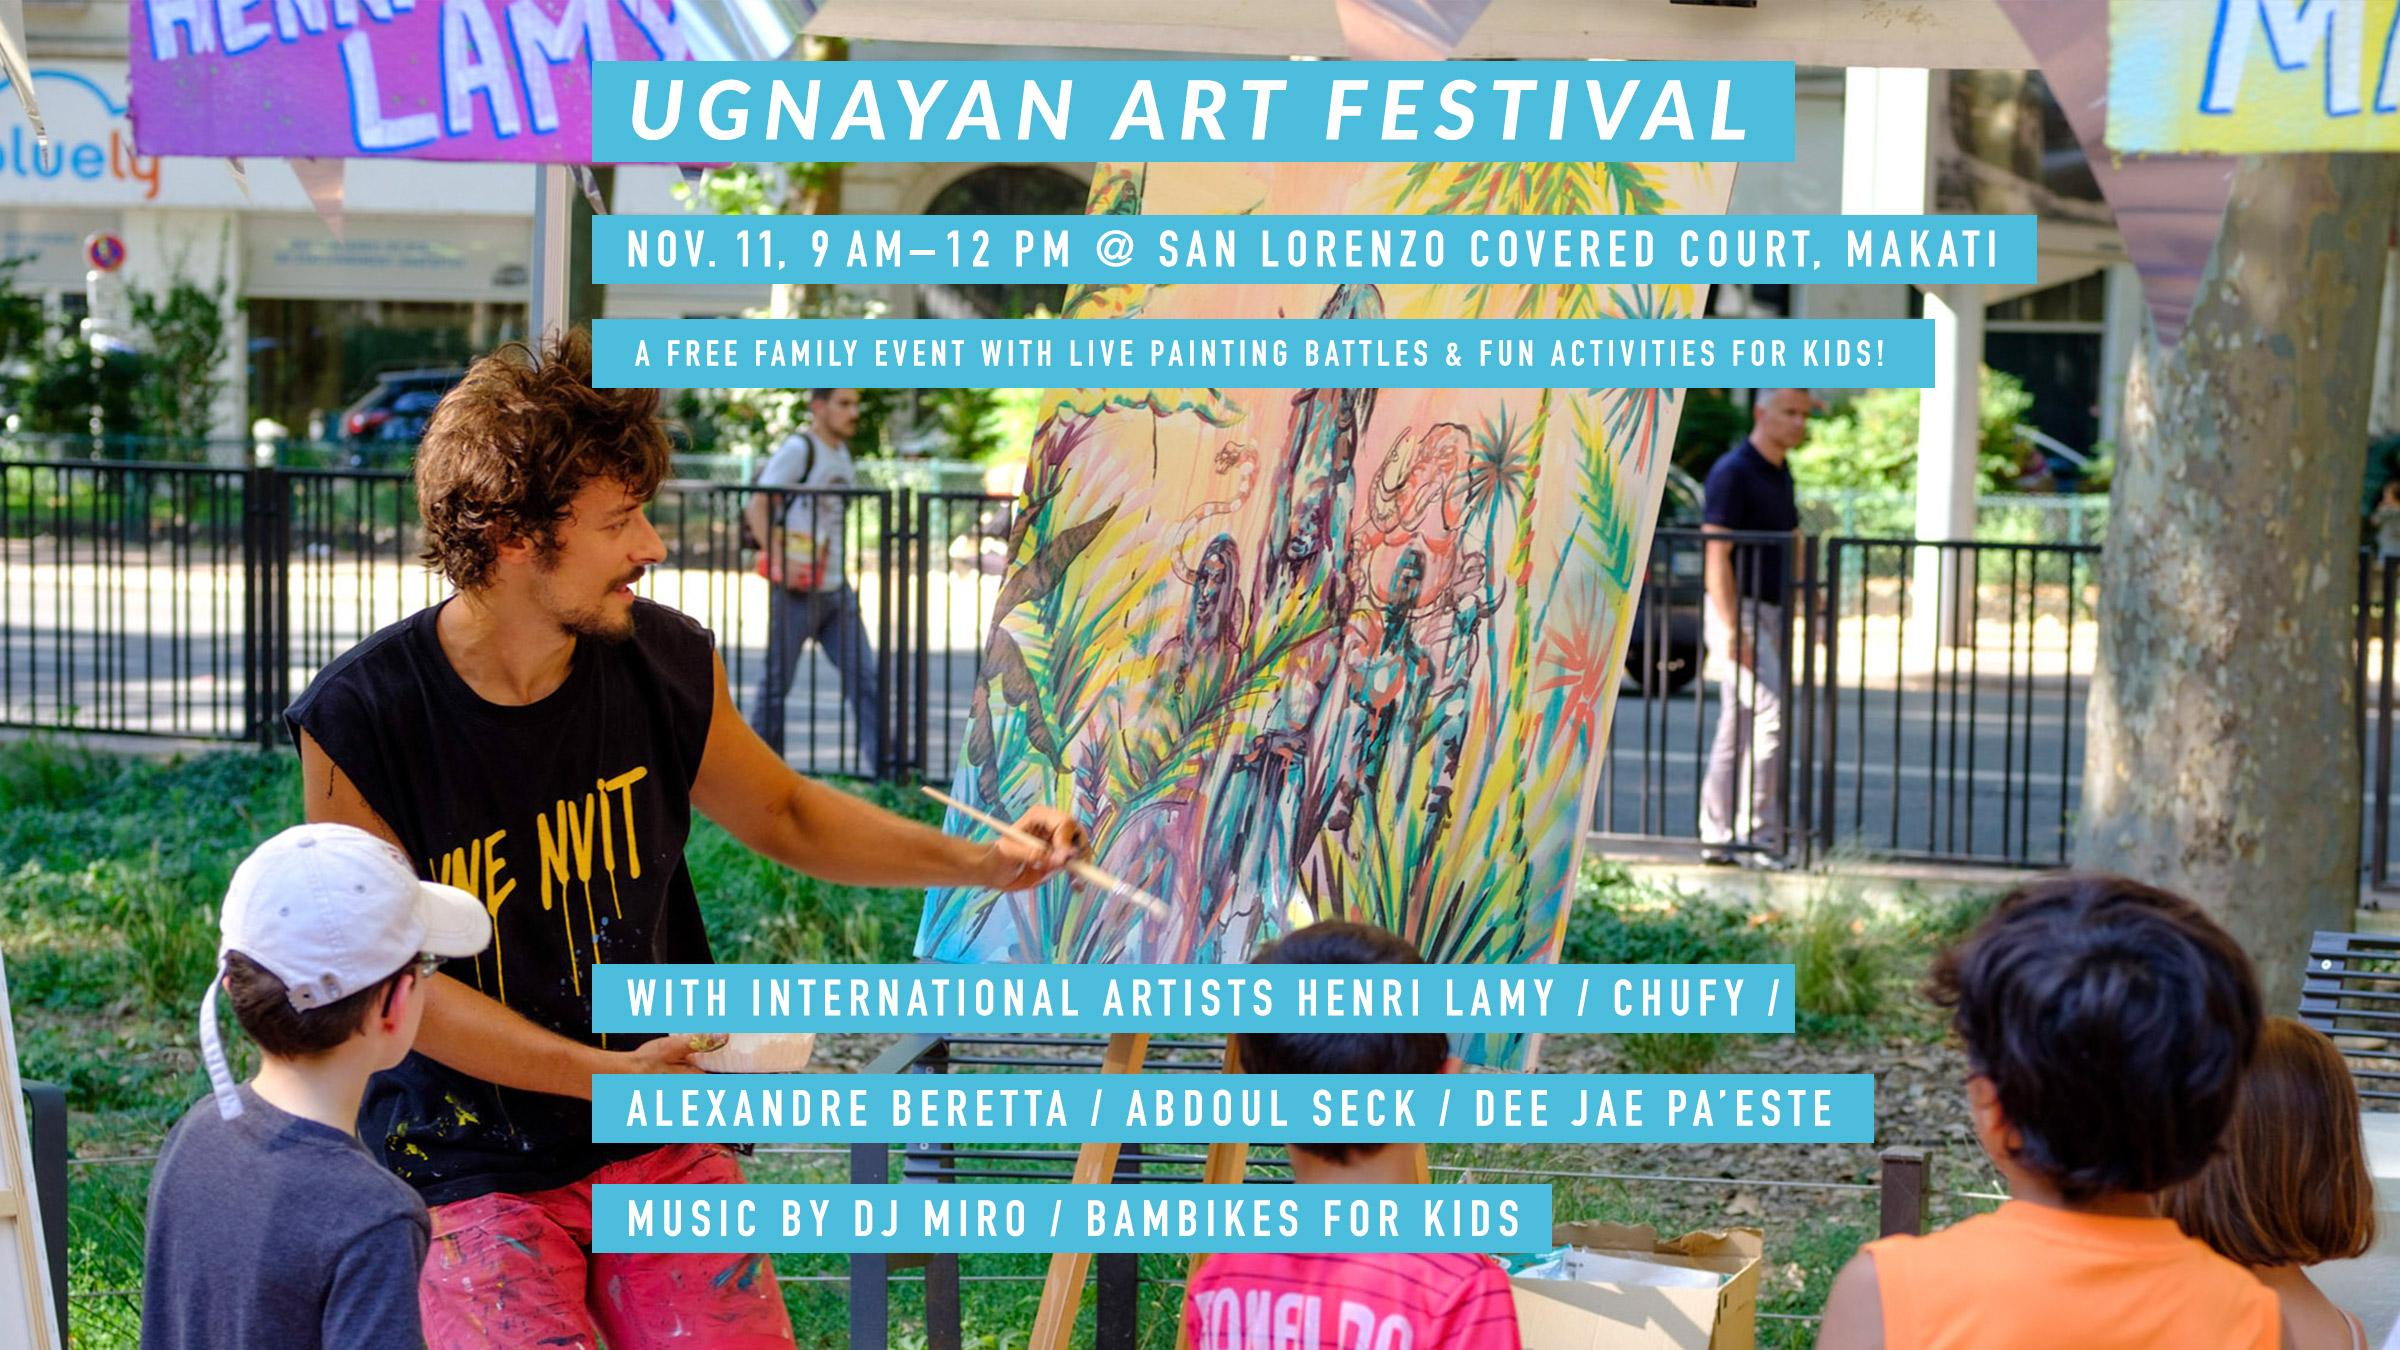 Ugnayan sa Poblacion family event, San Lorenzo x Taverne Gutenberg